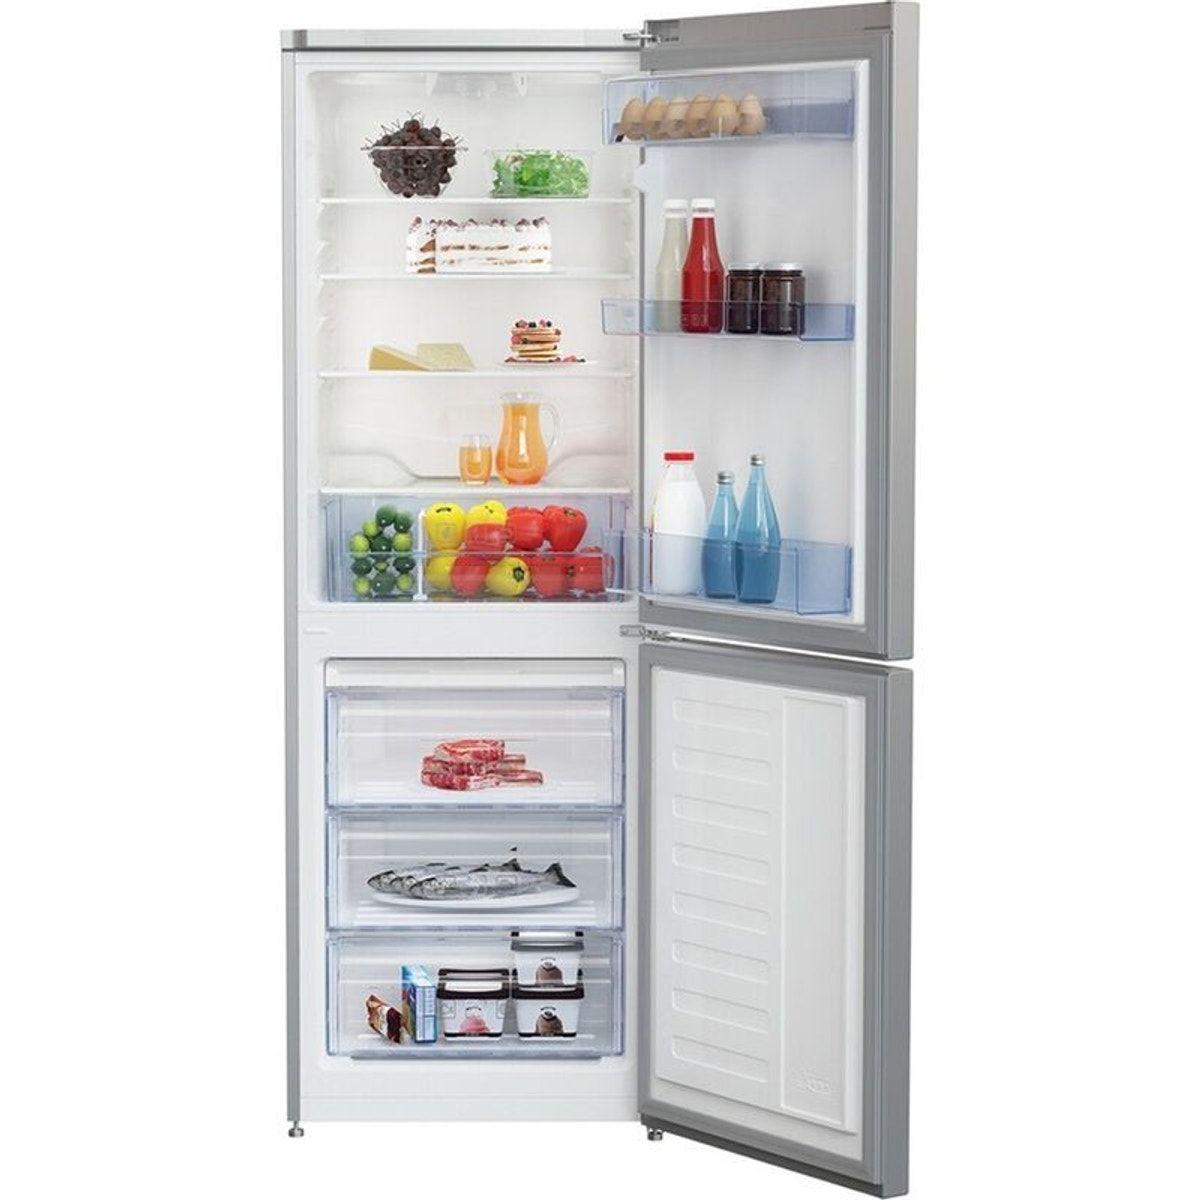 Dimension Frigo Encastrable Ikea refrigerateur congelateur en bas rcsa318k20s | réfrigérateur